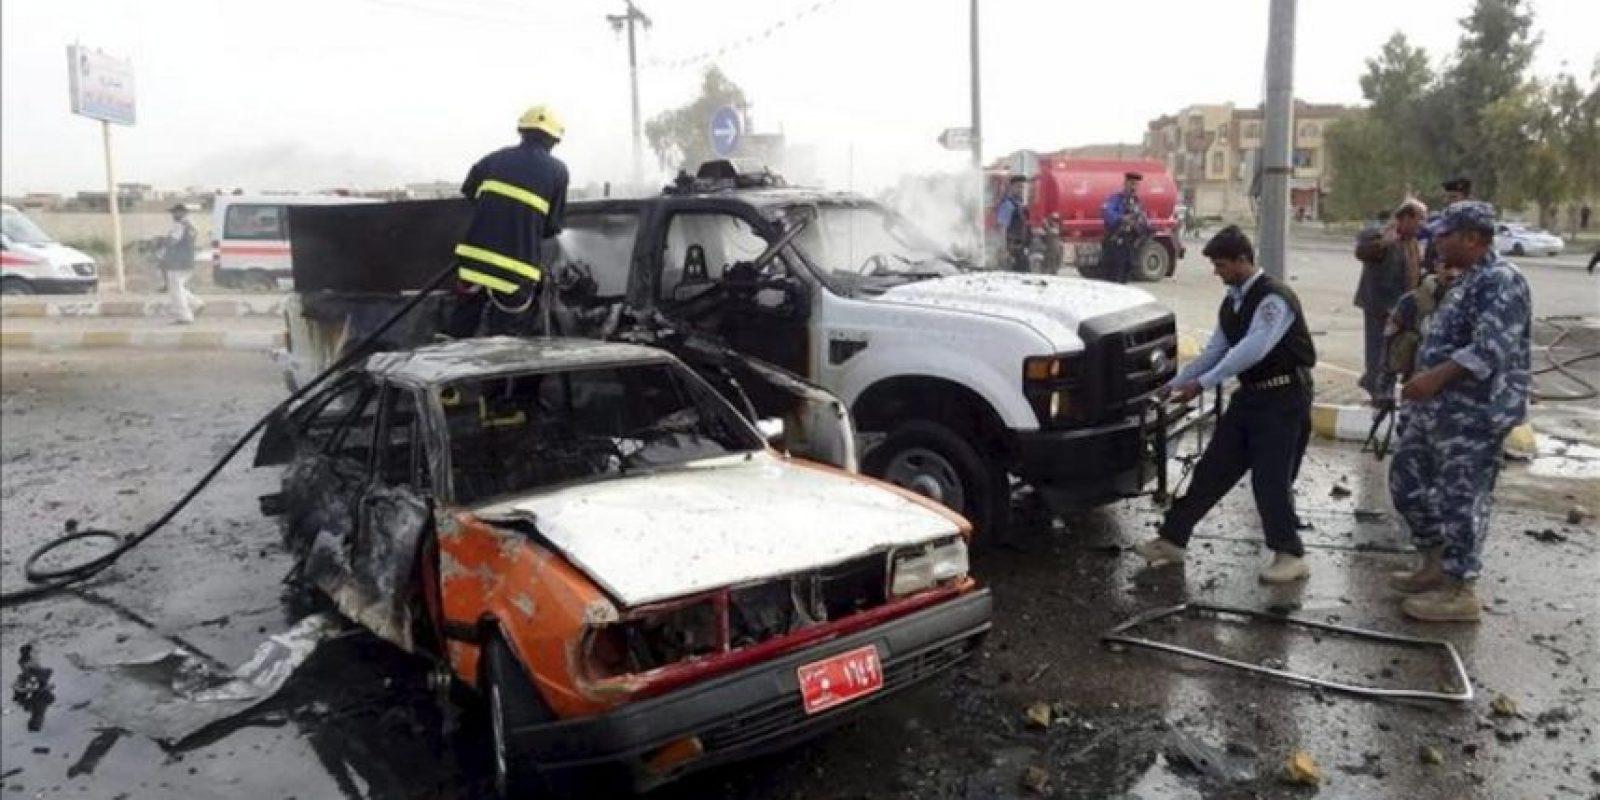 Bomberos iraquíes trabajan en el lugar de una explosión en Kirkuk, en el norte de Irak, donde estallaron dos coches bomba en el centro de la ciudad al paso de unas patrullas policiales. EFE